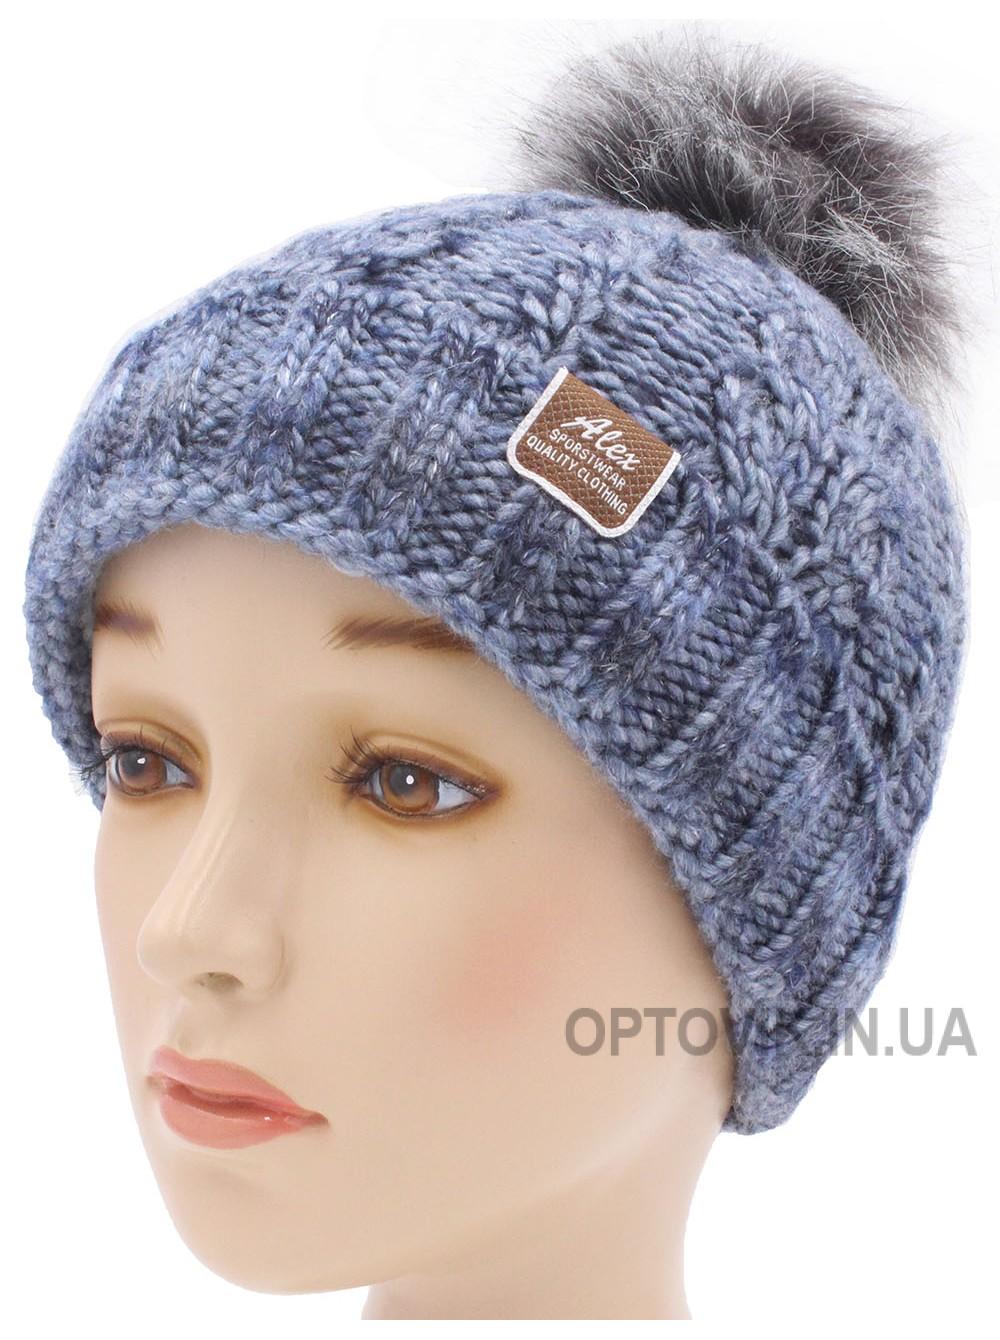 Детская вязаная шапка D23928-48-50